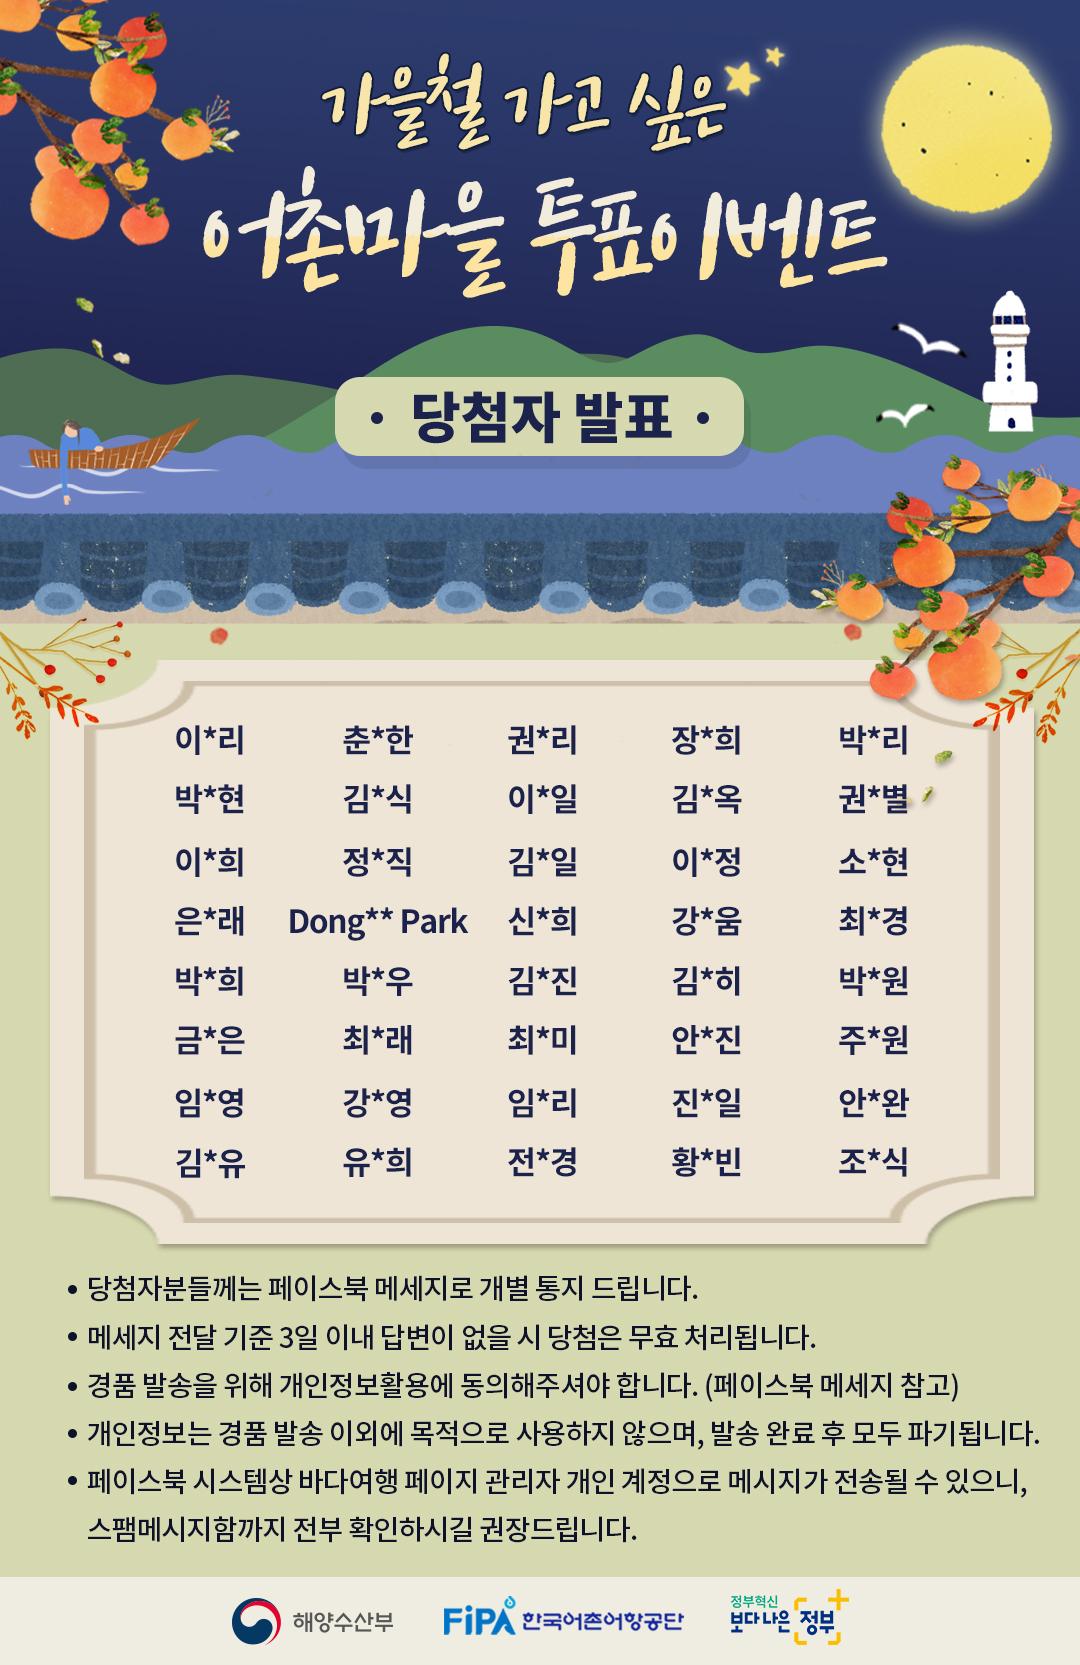 8월 온라인 이벤트(어촌투표) 당첨자_게시글.jpg 이미지입니다.